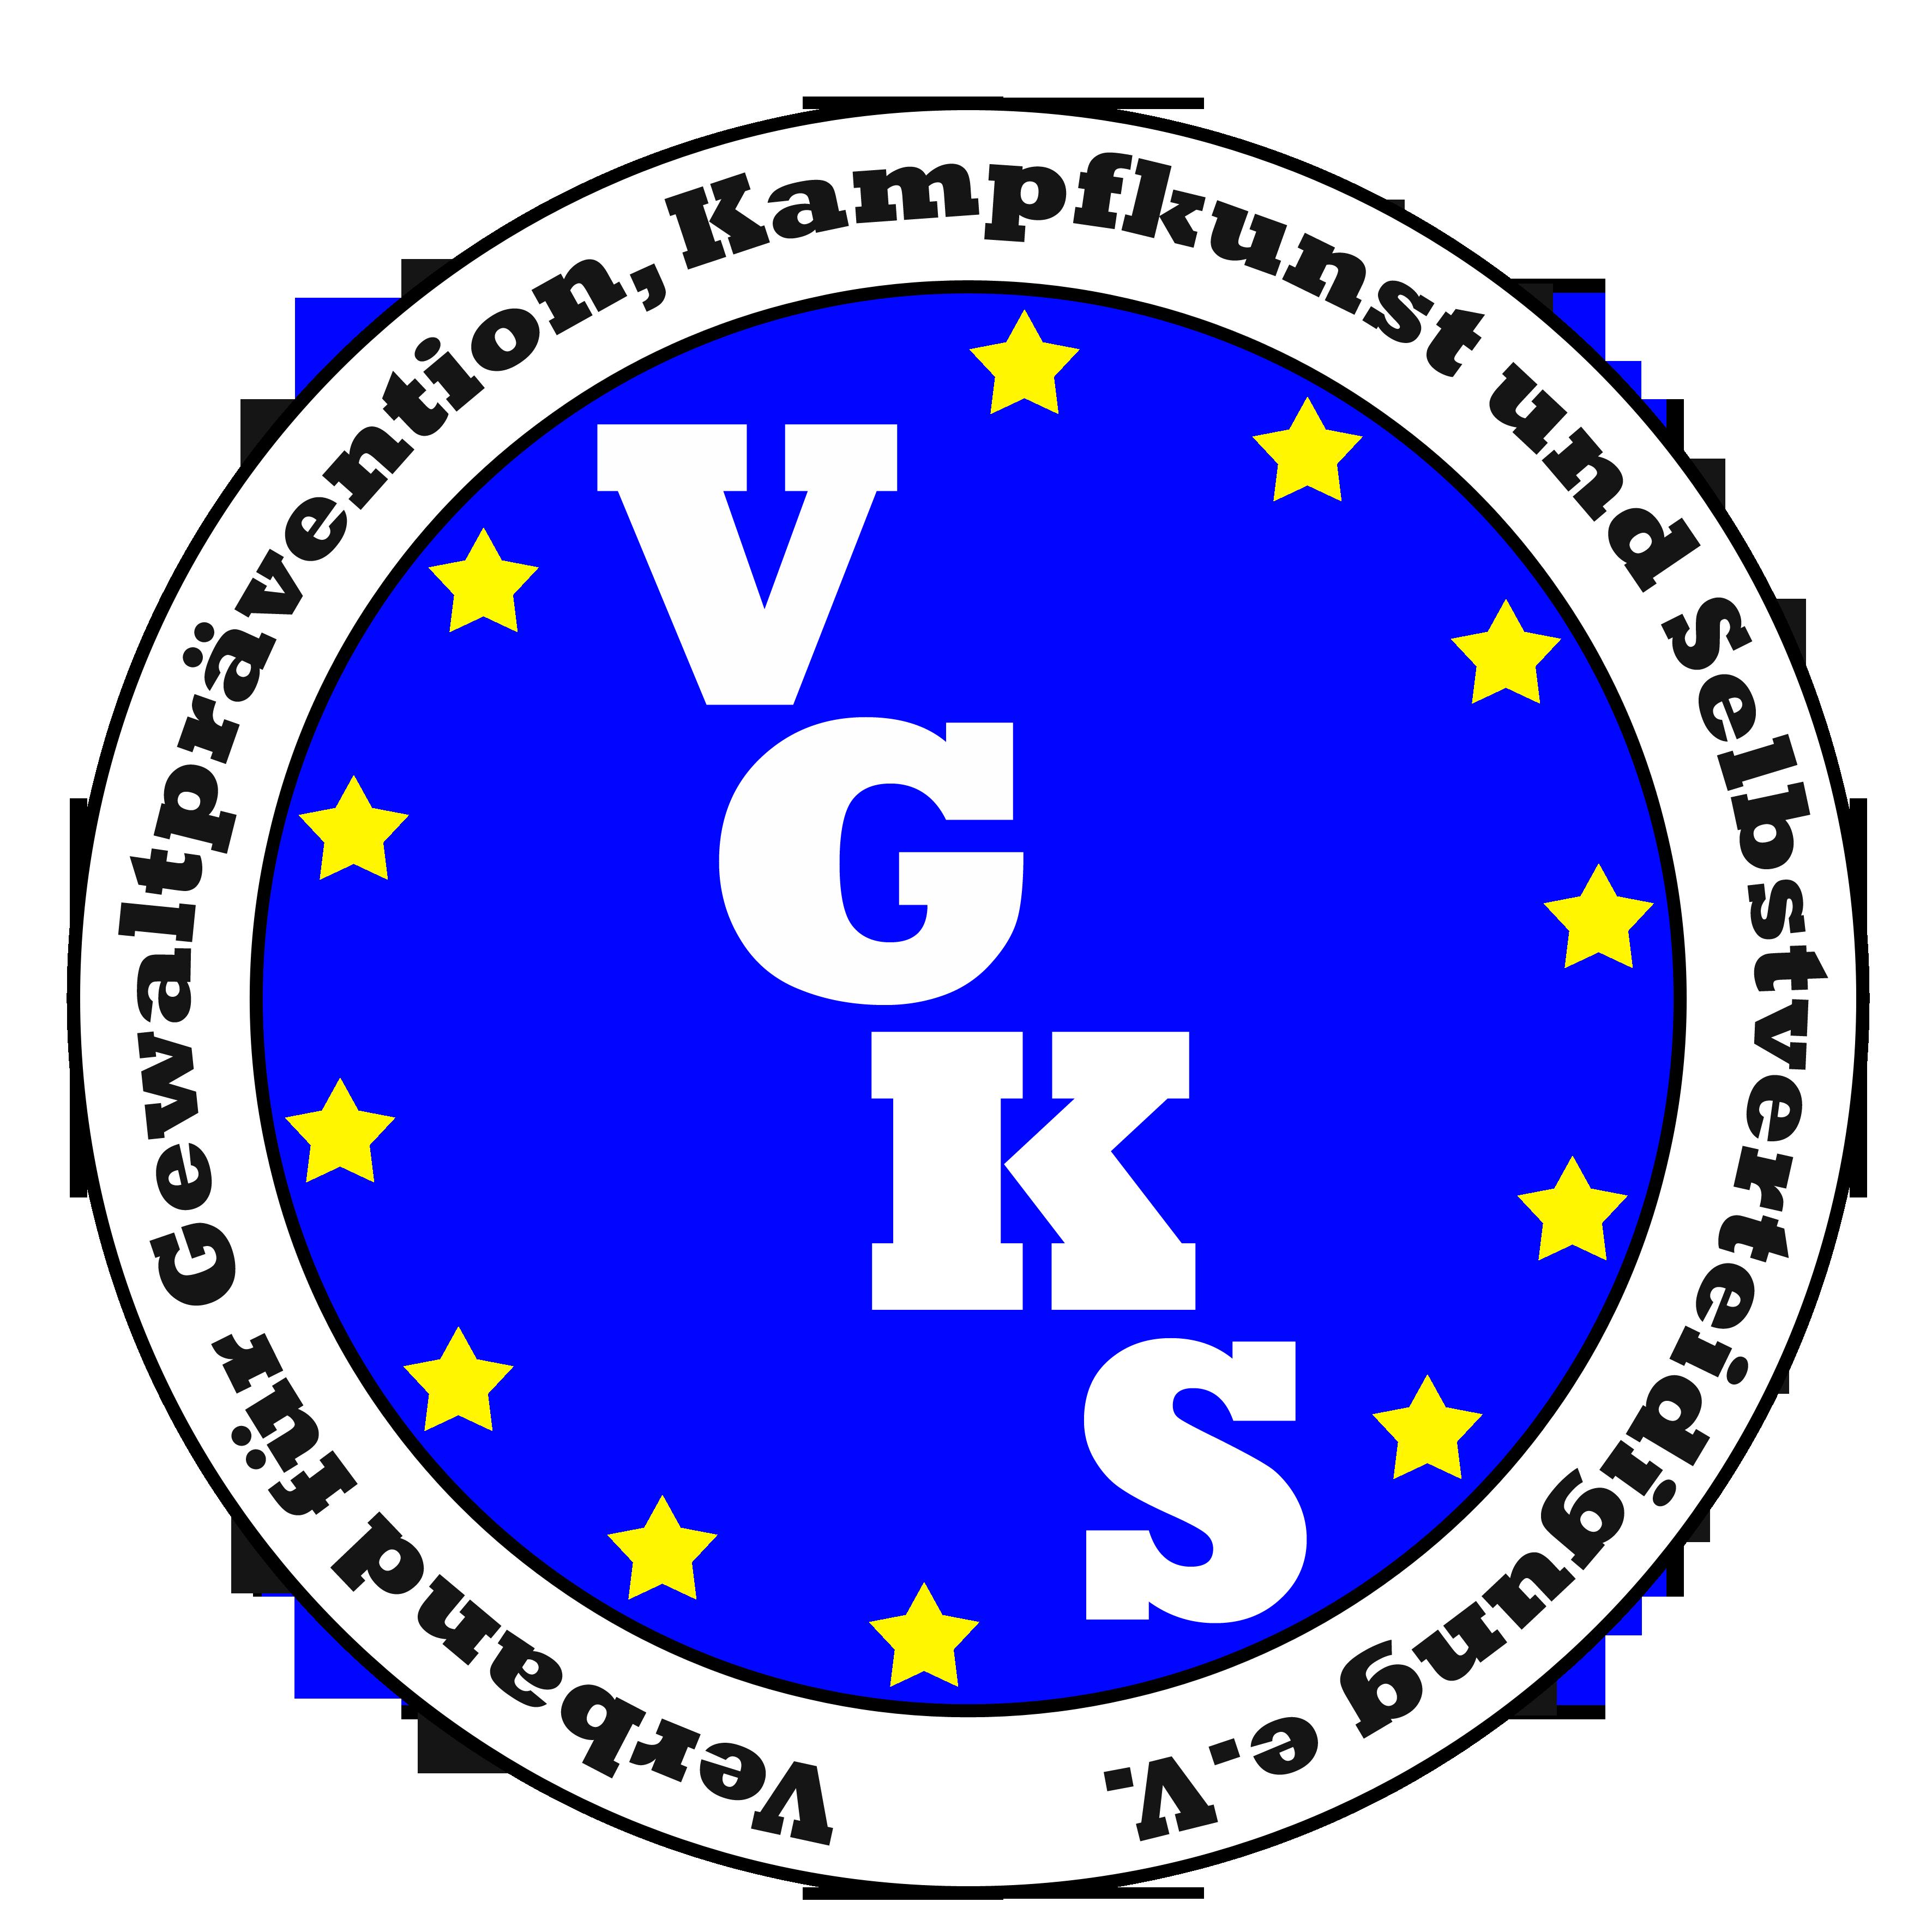 Verband für Gewaltprävention, Kampfkunst und Selbstverteidigung e.V.